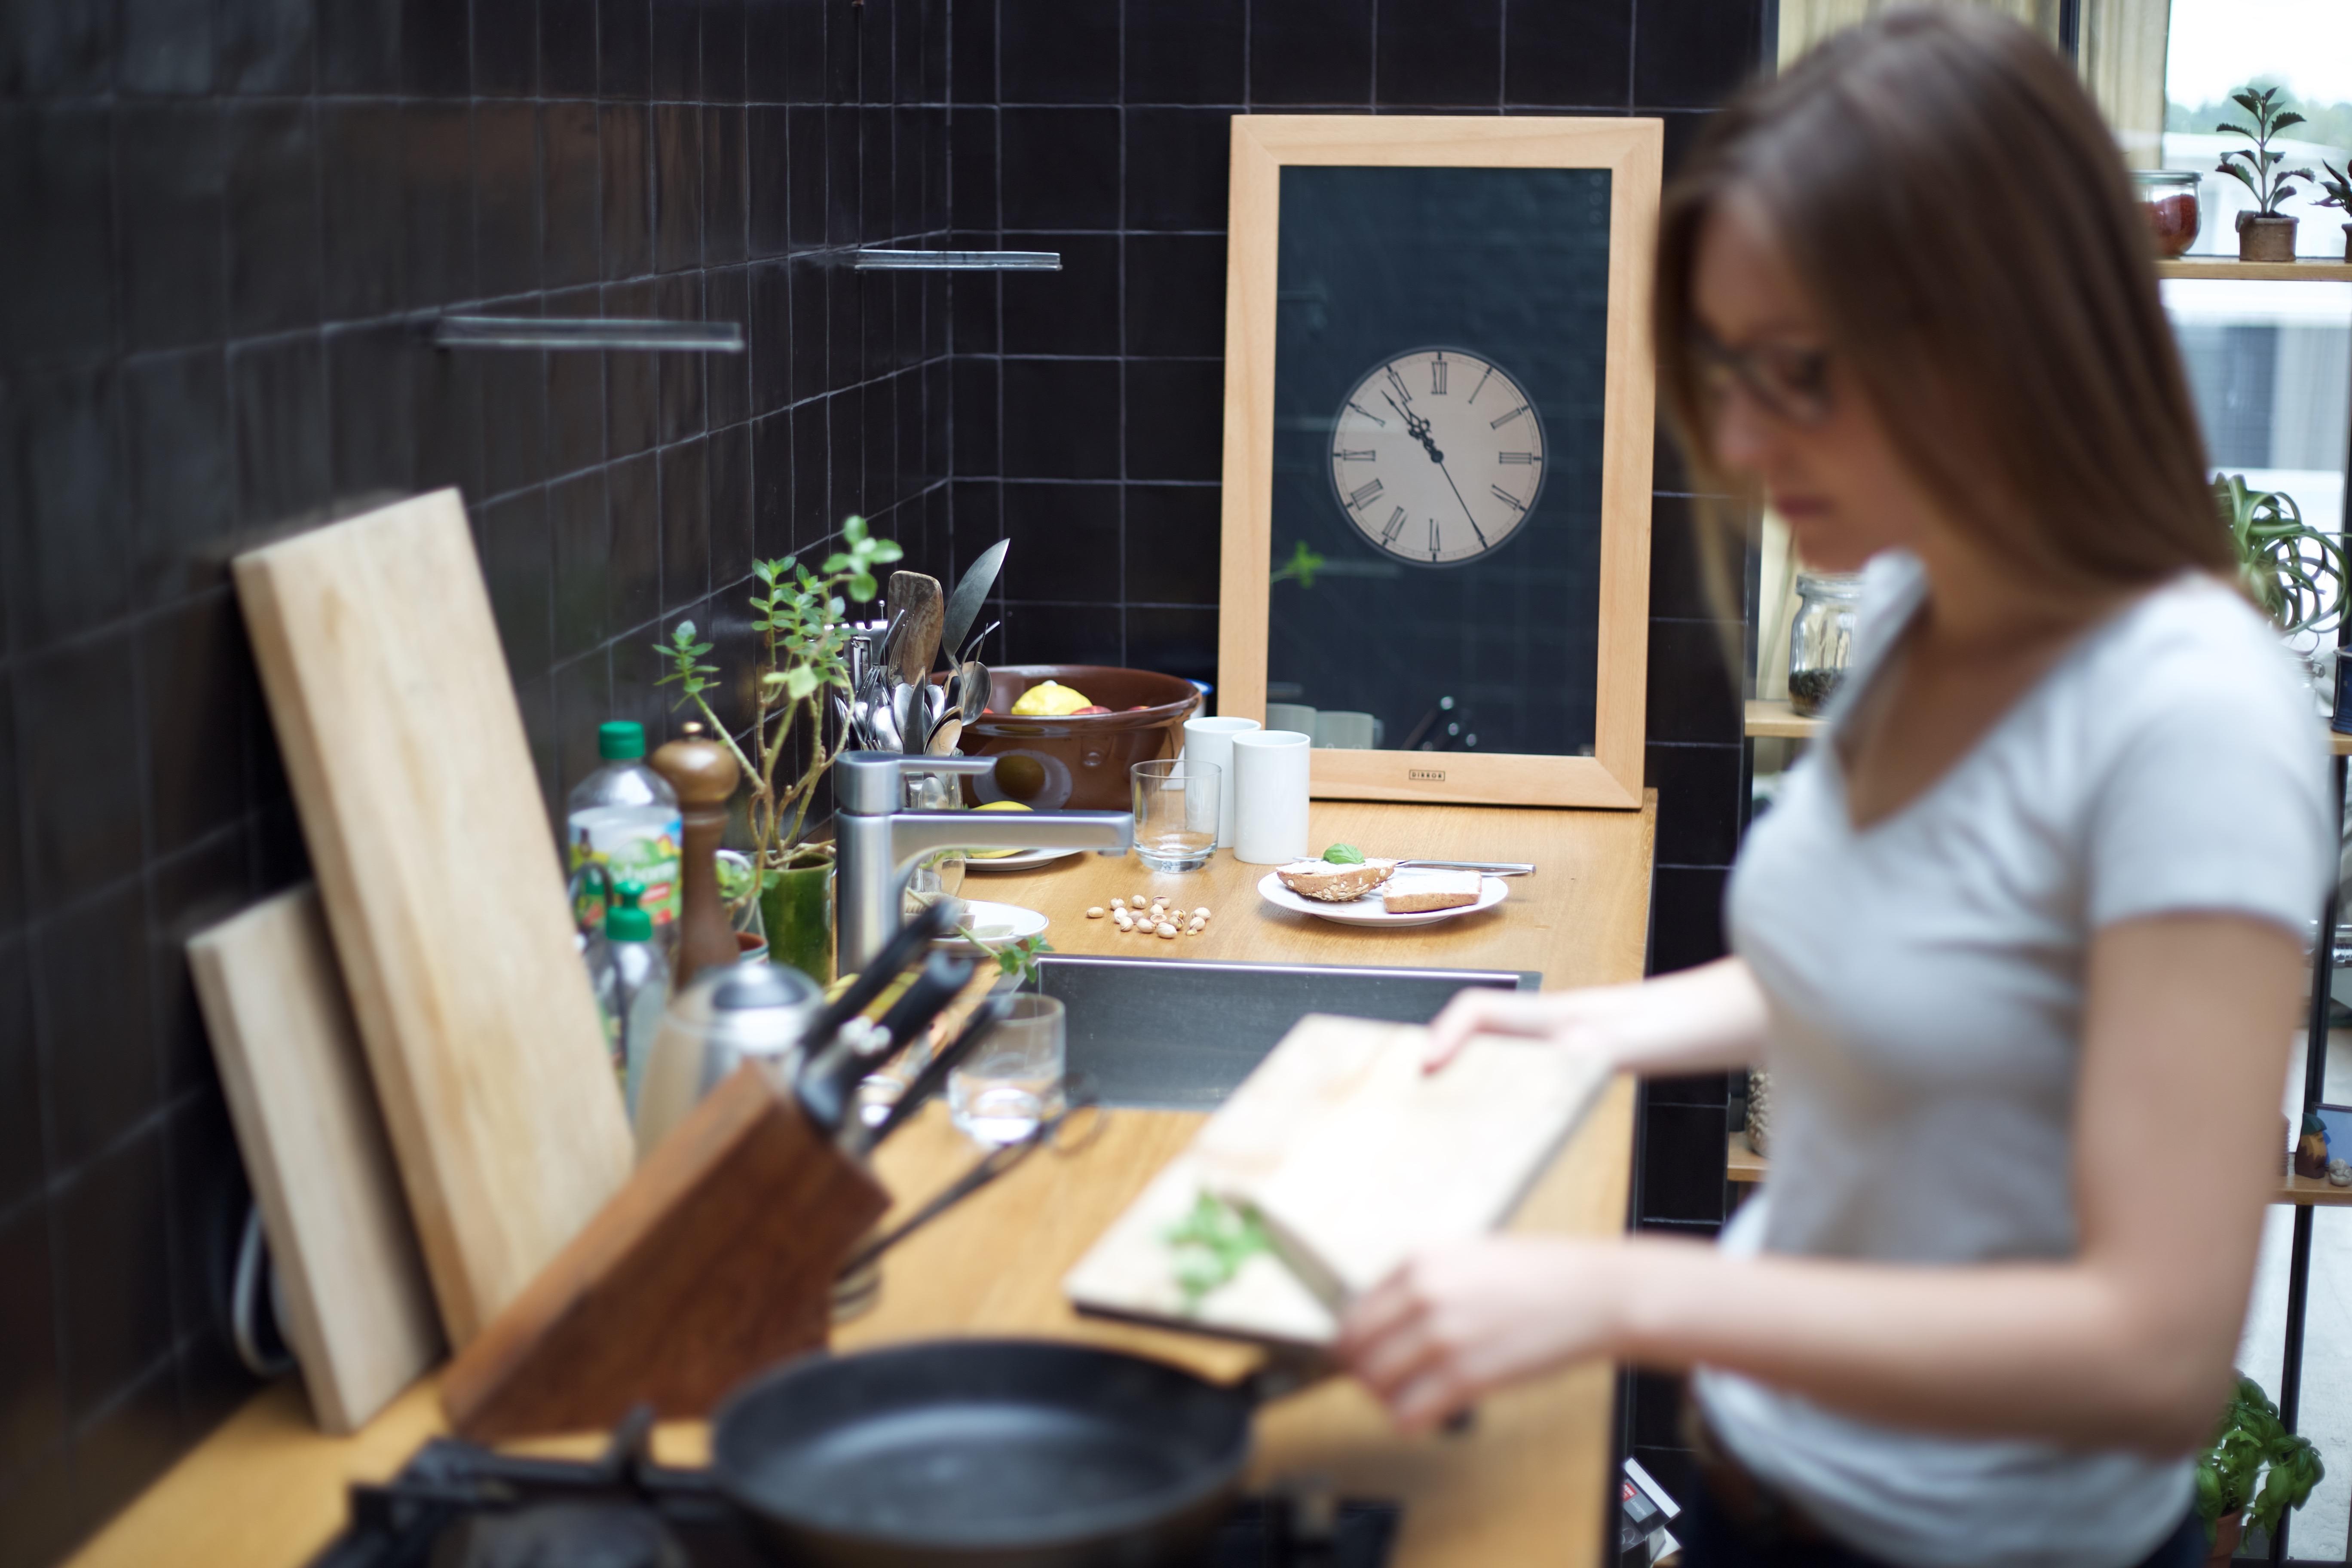 DIRROR - digitaler Spiegel in der Küche